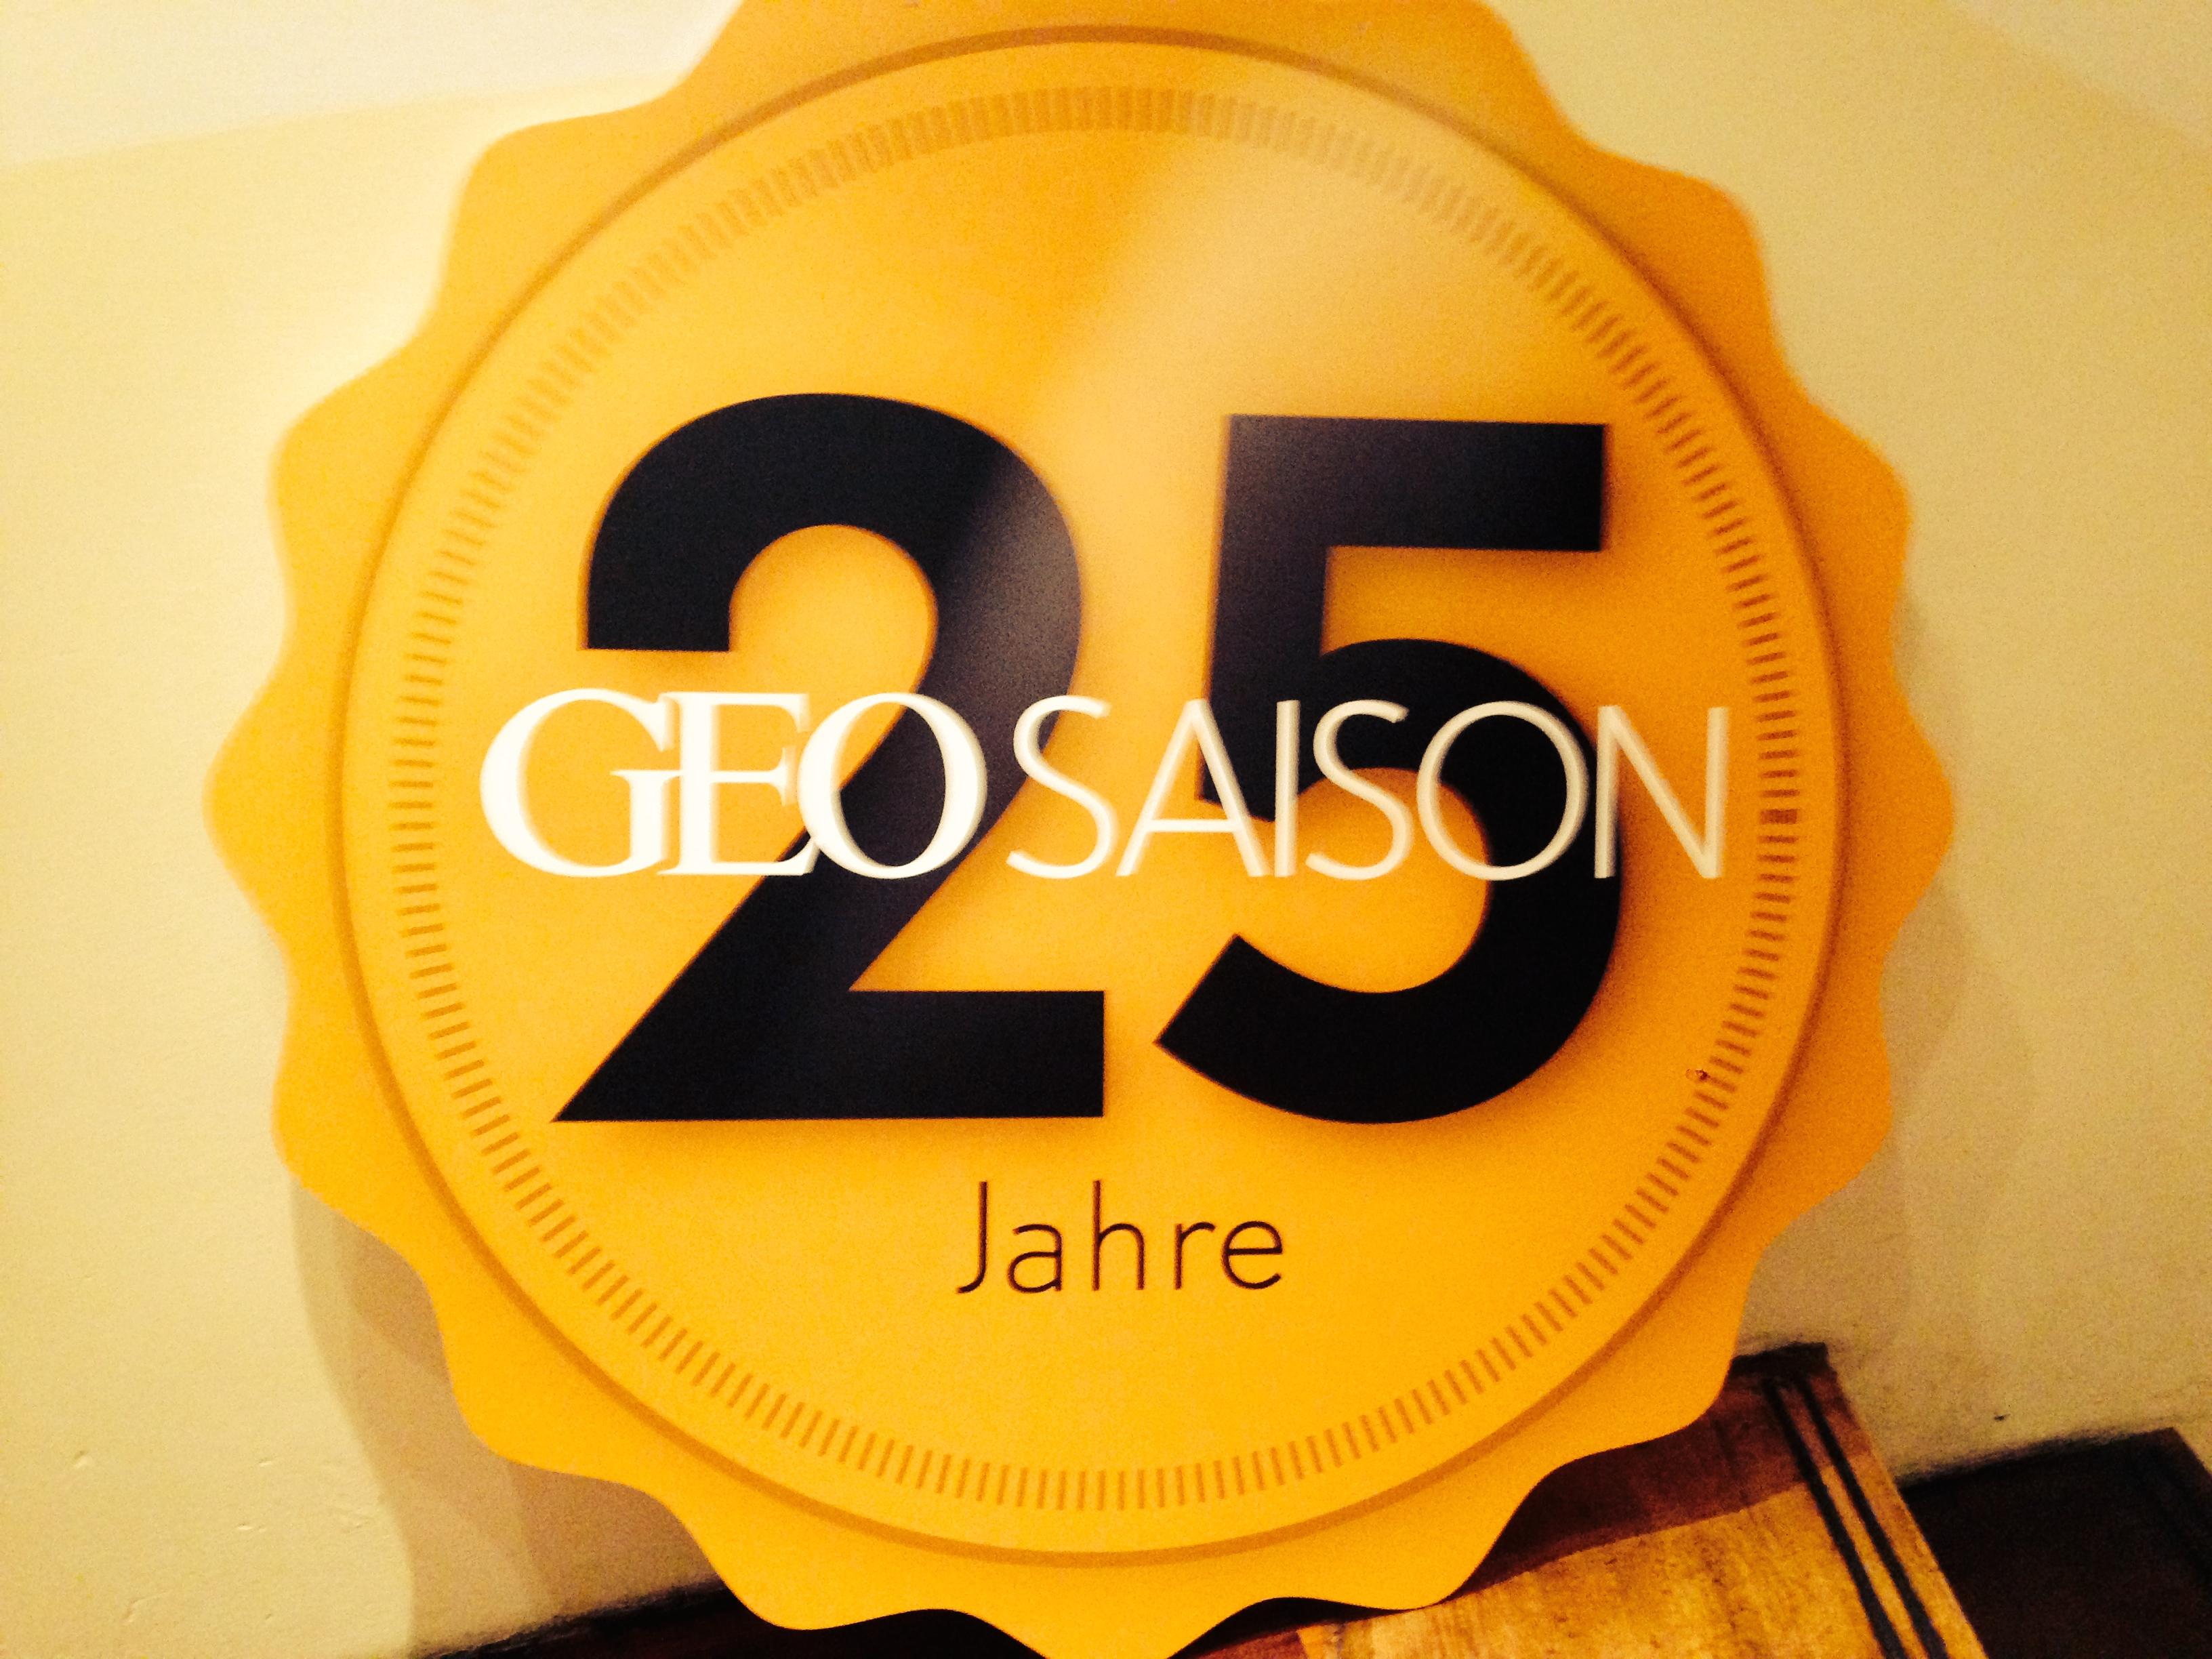 25 Jahre Geo Saison